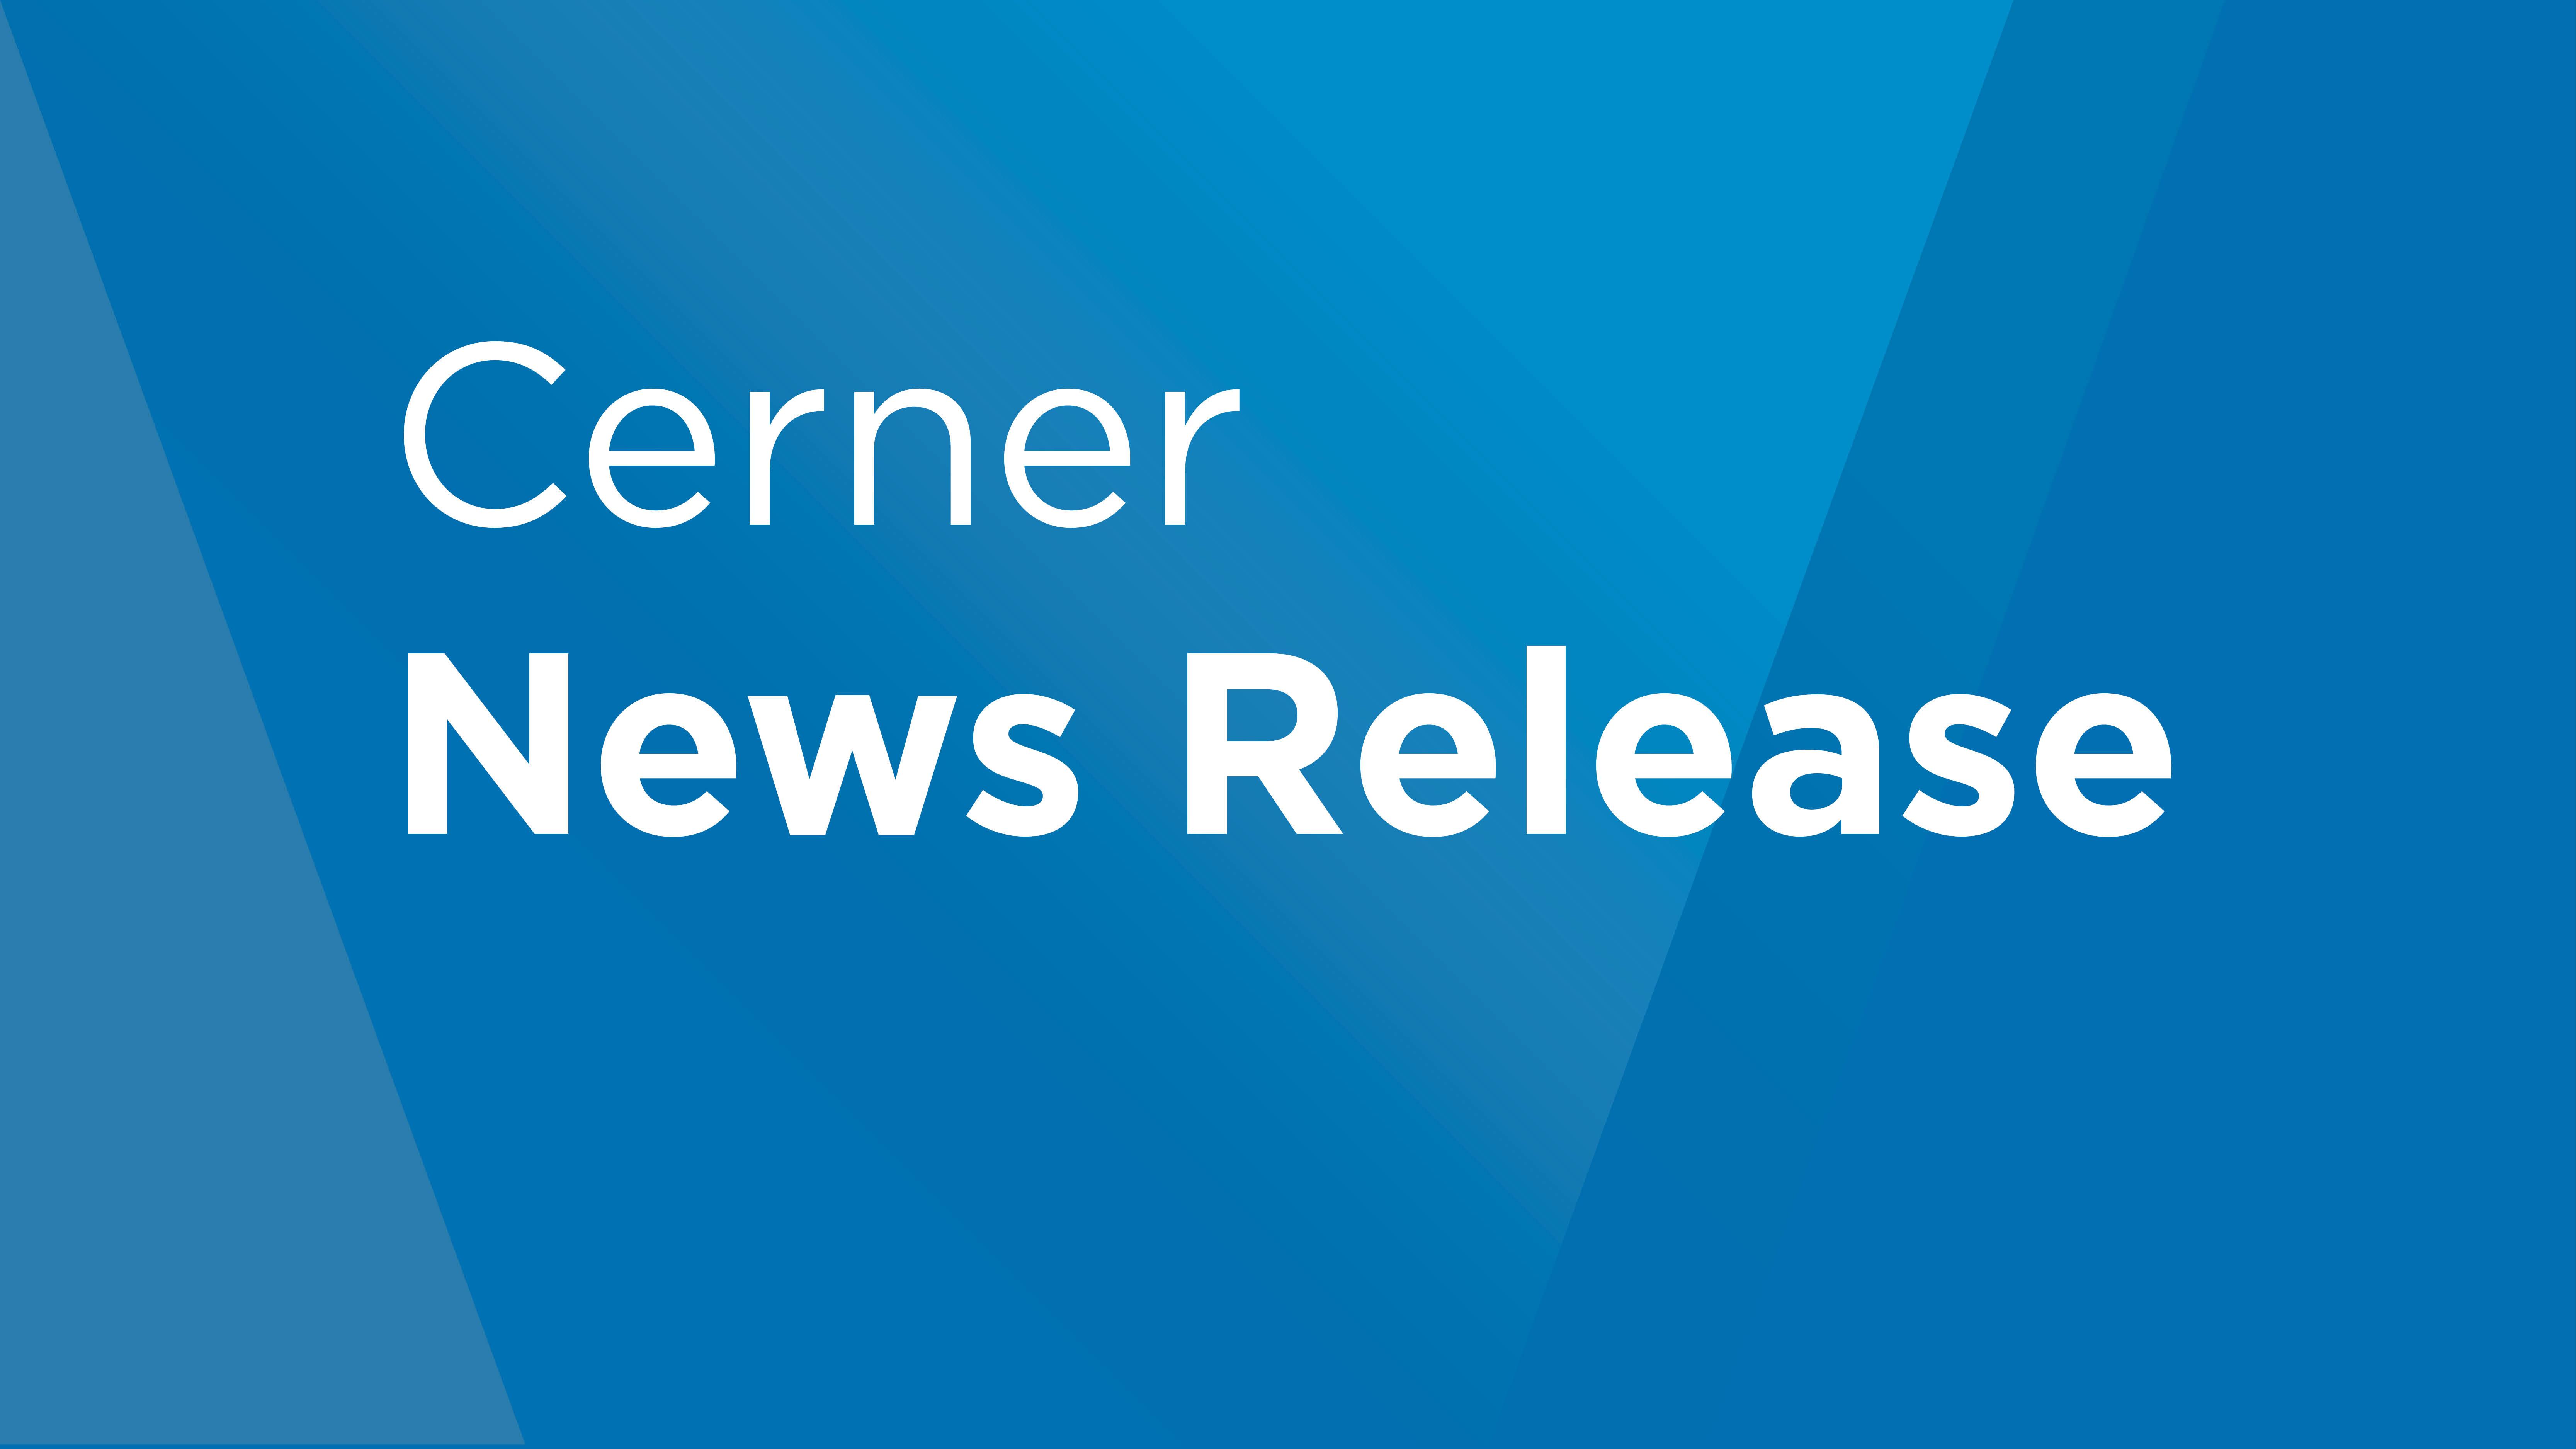 Cerner press release